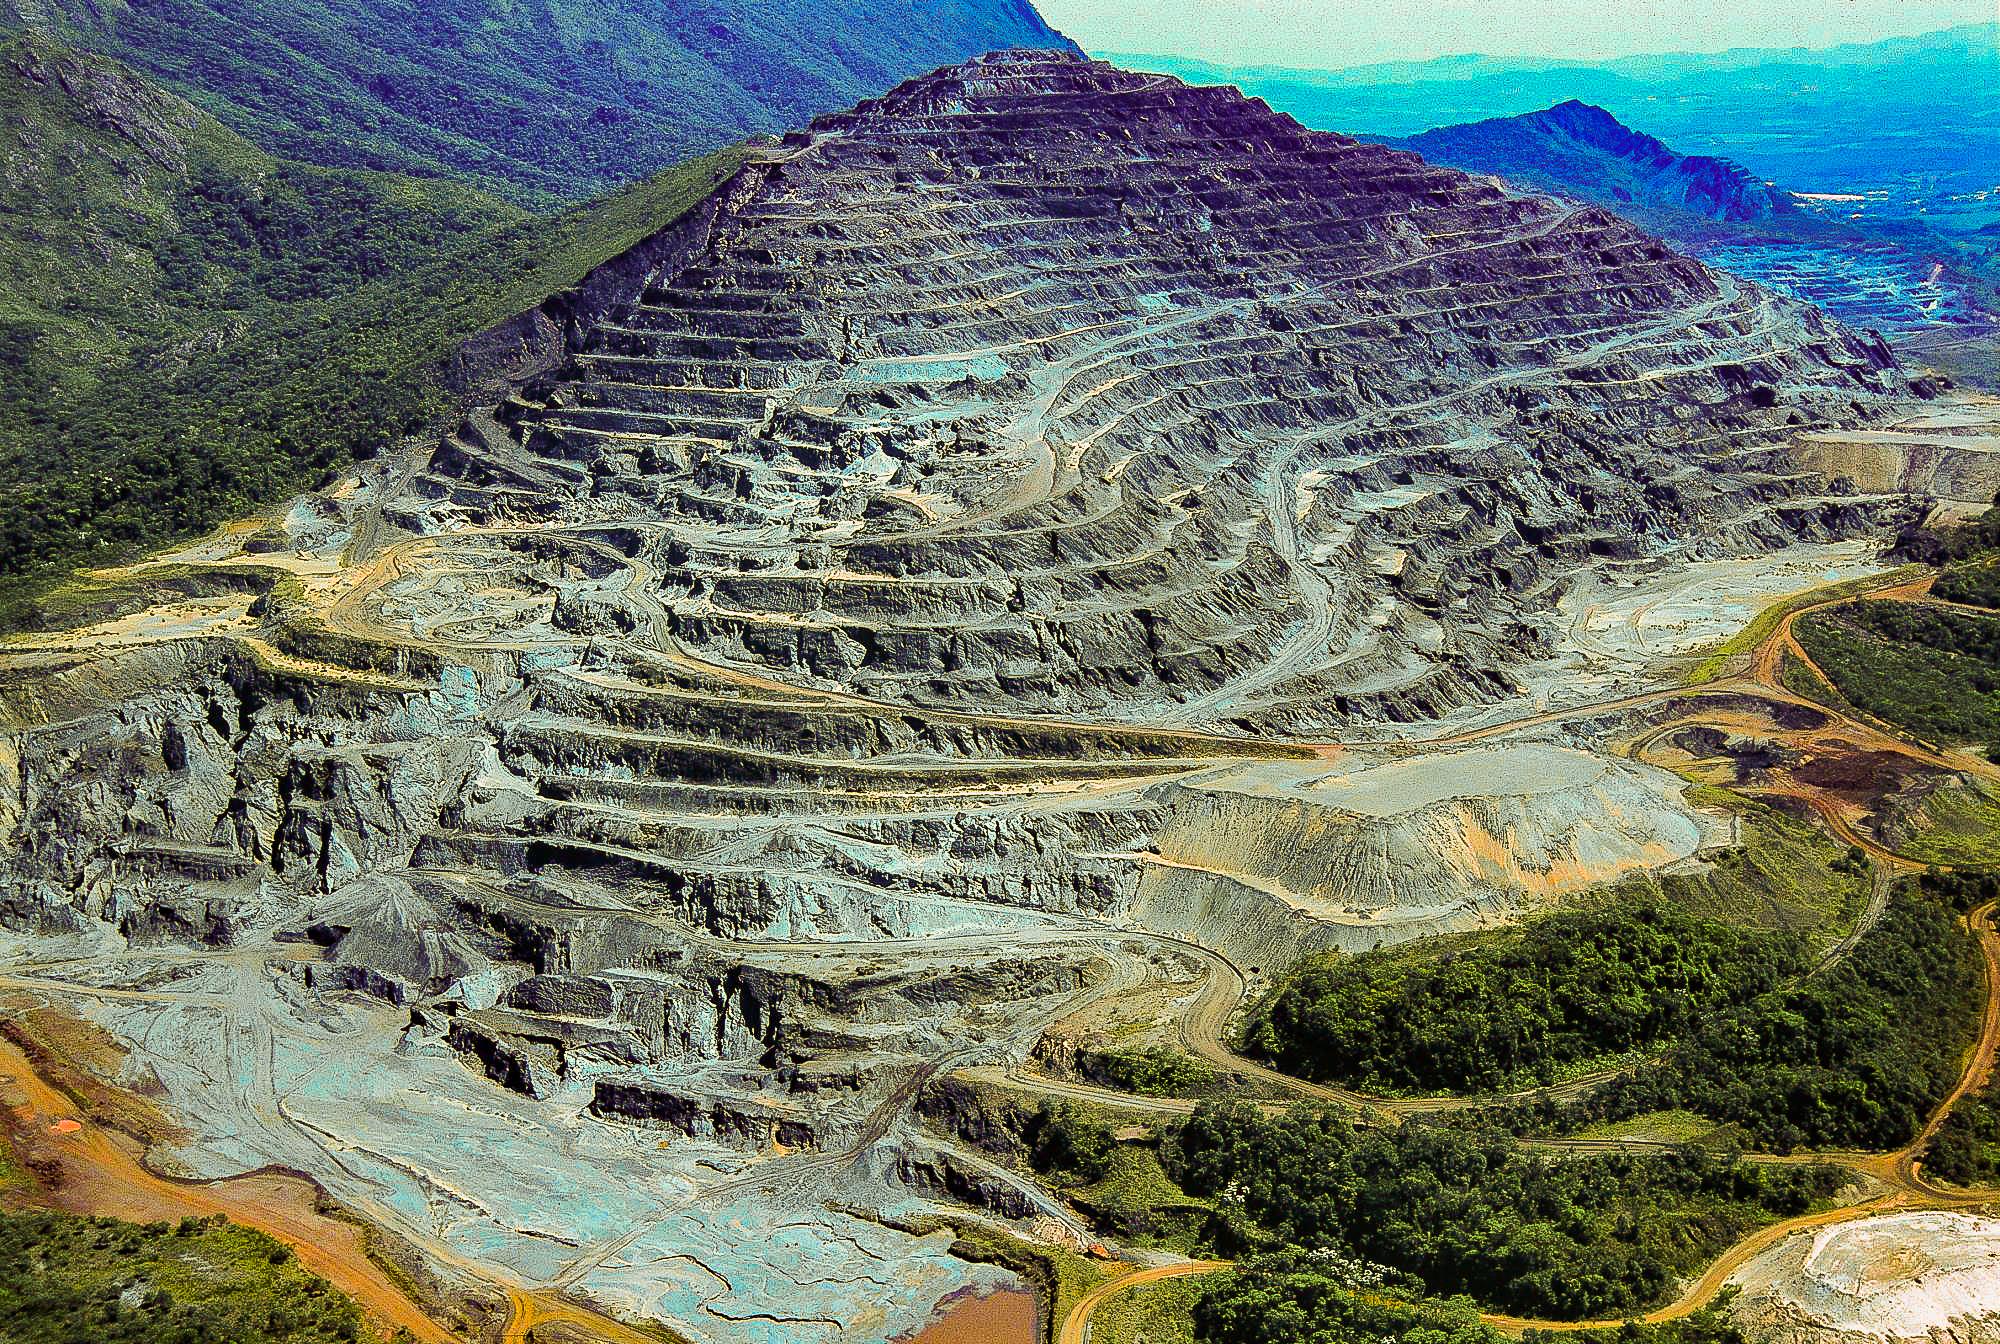 Deslocamento vertical em minas pode chegar aos 400 m em locais como a Serra dos Carajás (PA)